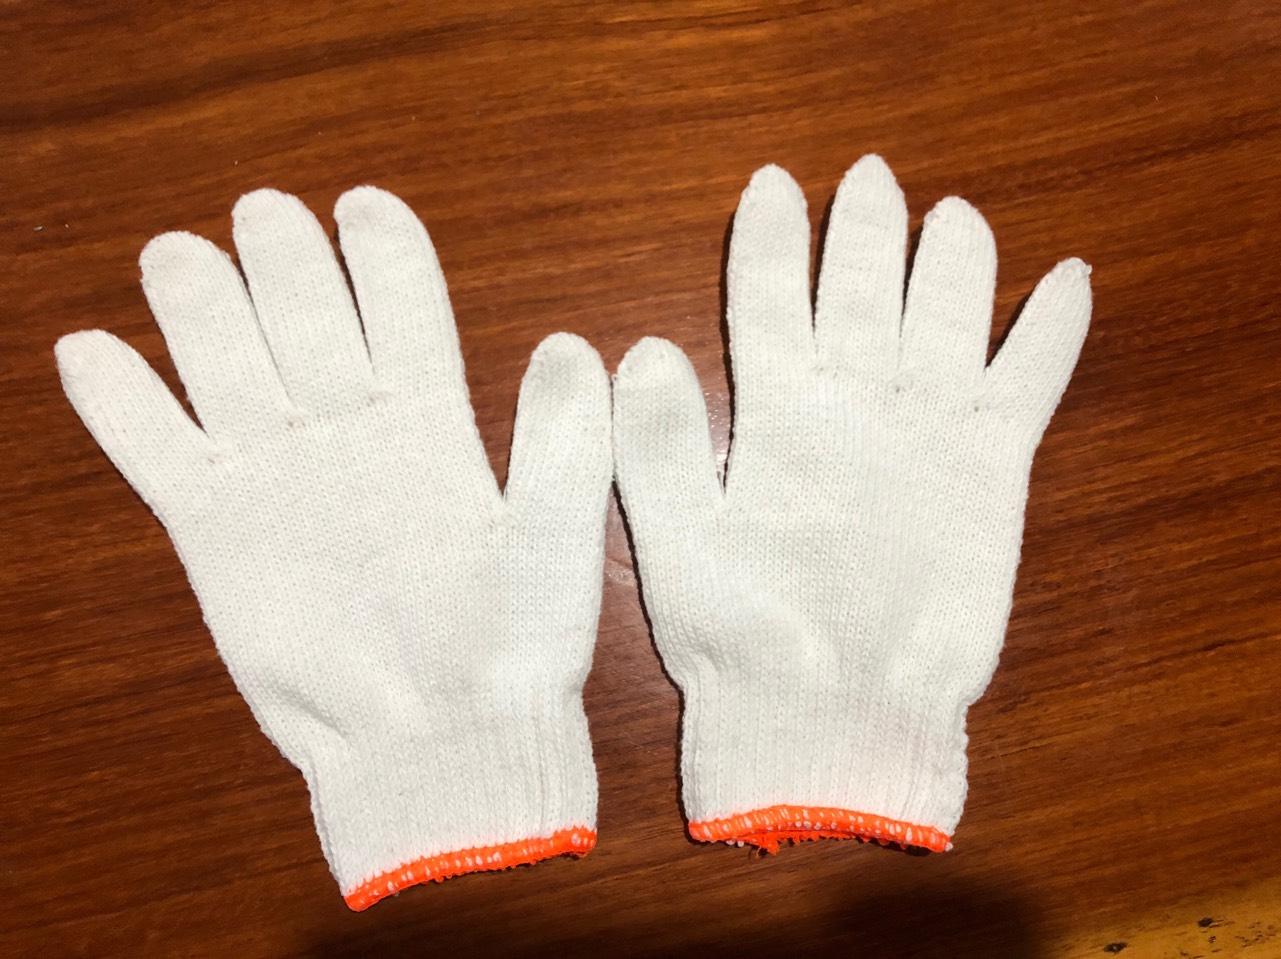 Găng tay len màu trắng 40-50-60-70g